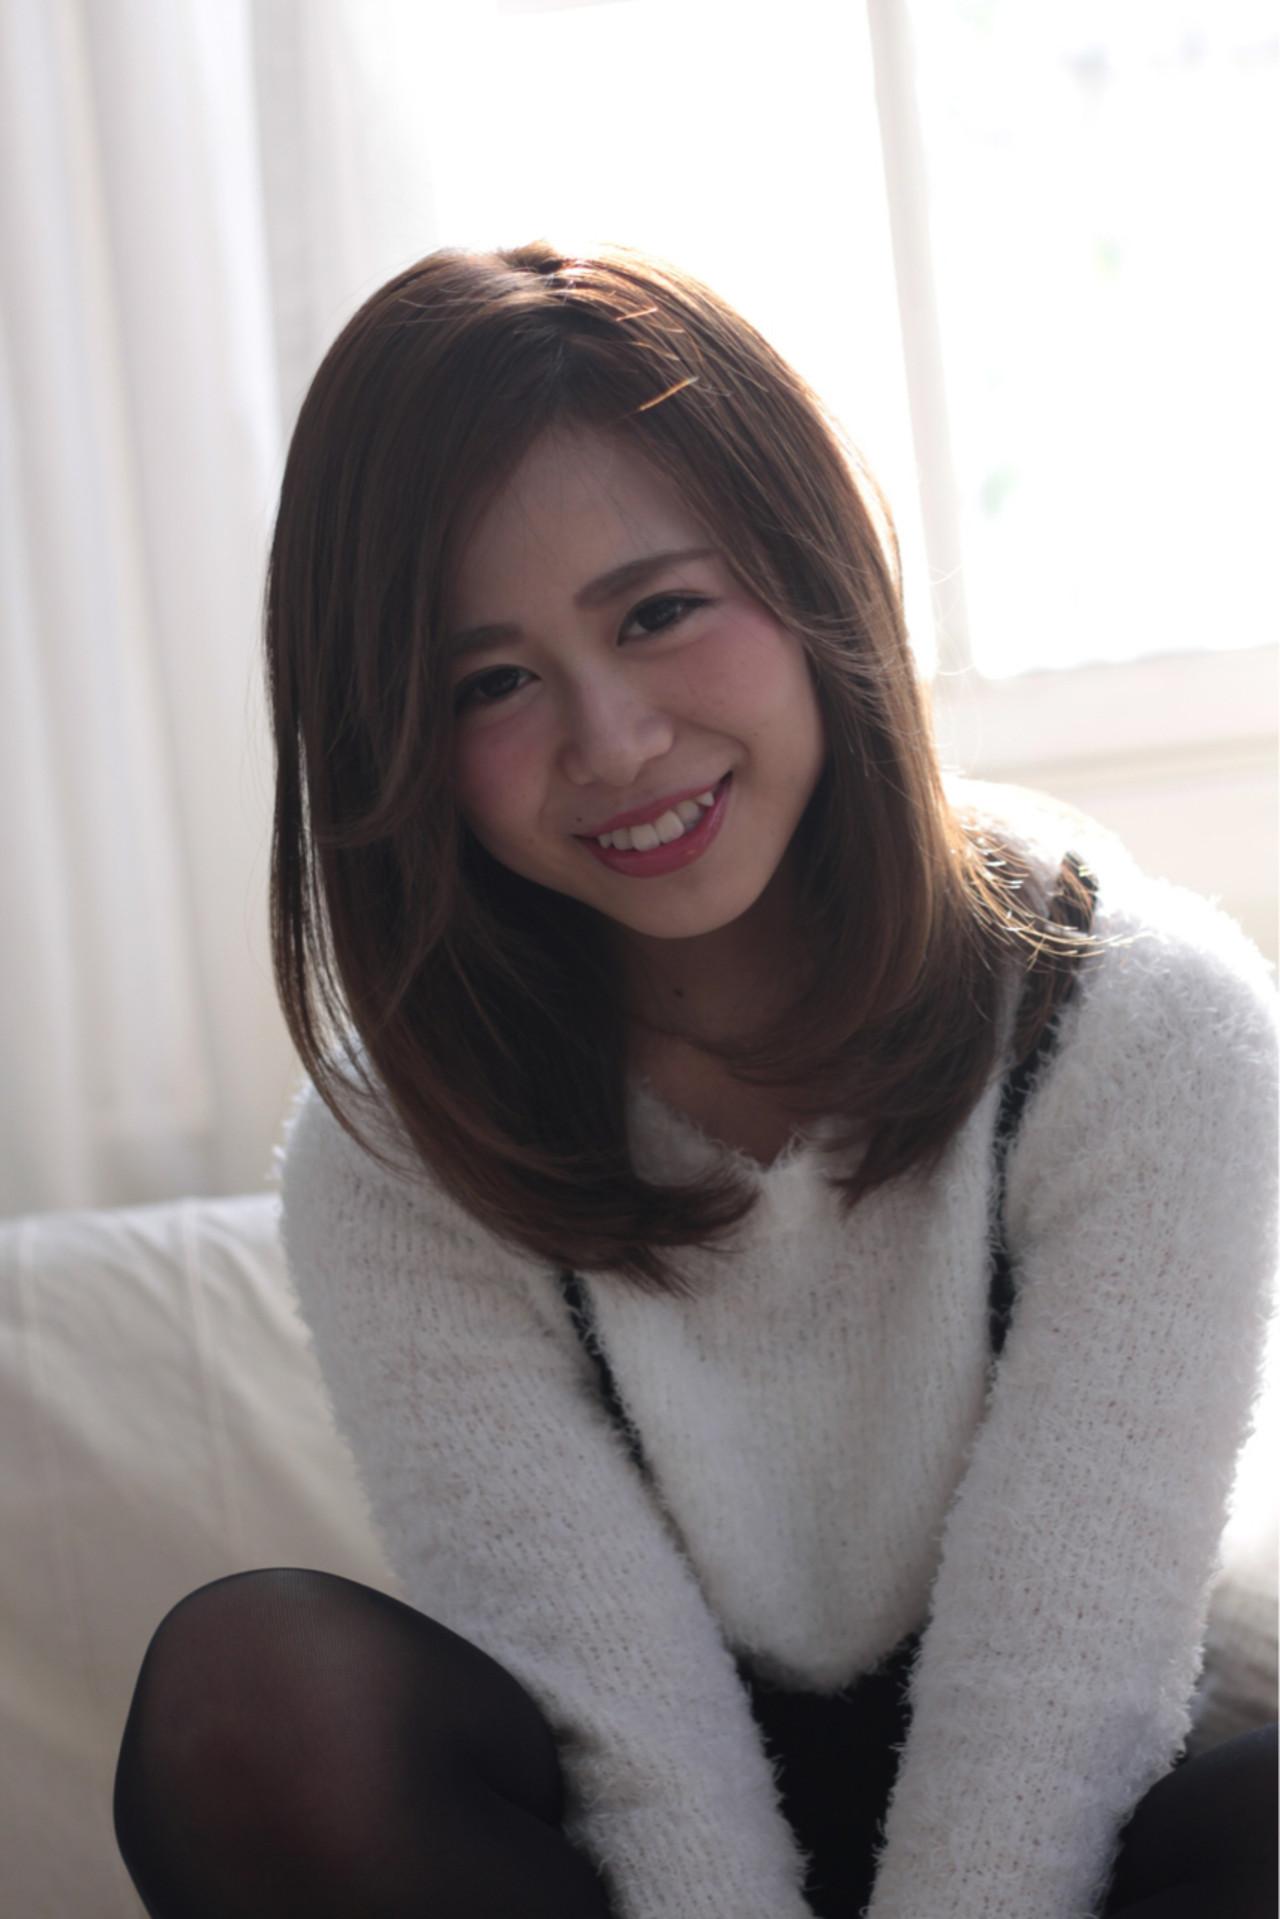 ミディアム 外国人風 ブラウン フェミニン ヘアスタイルや髪型の写真・画像 | 久末健太郎 / HAIR MAKE ASH